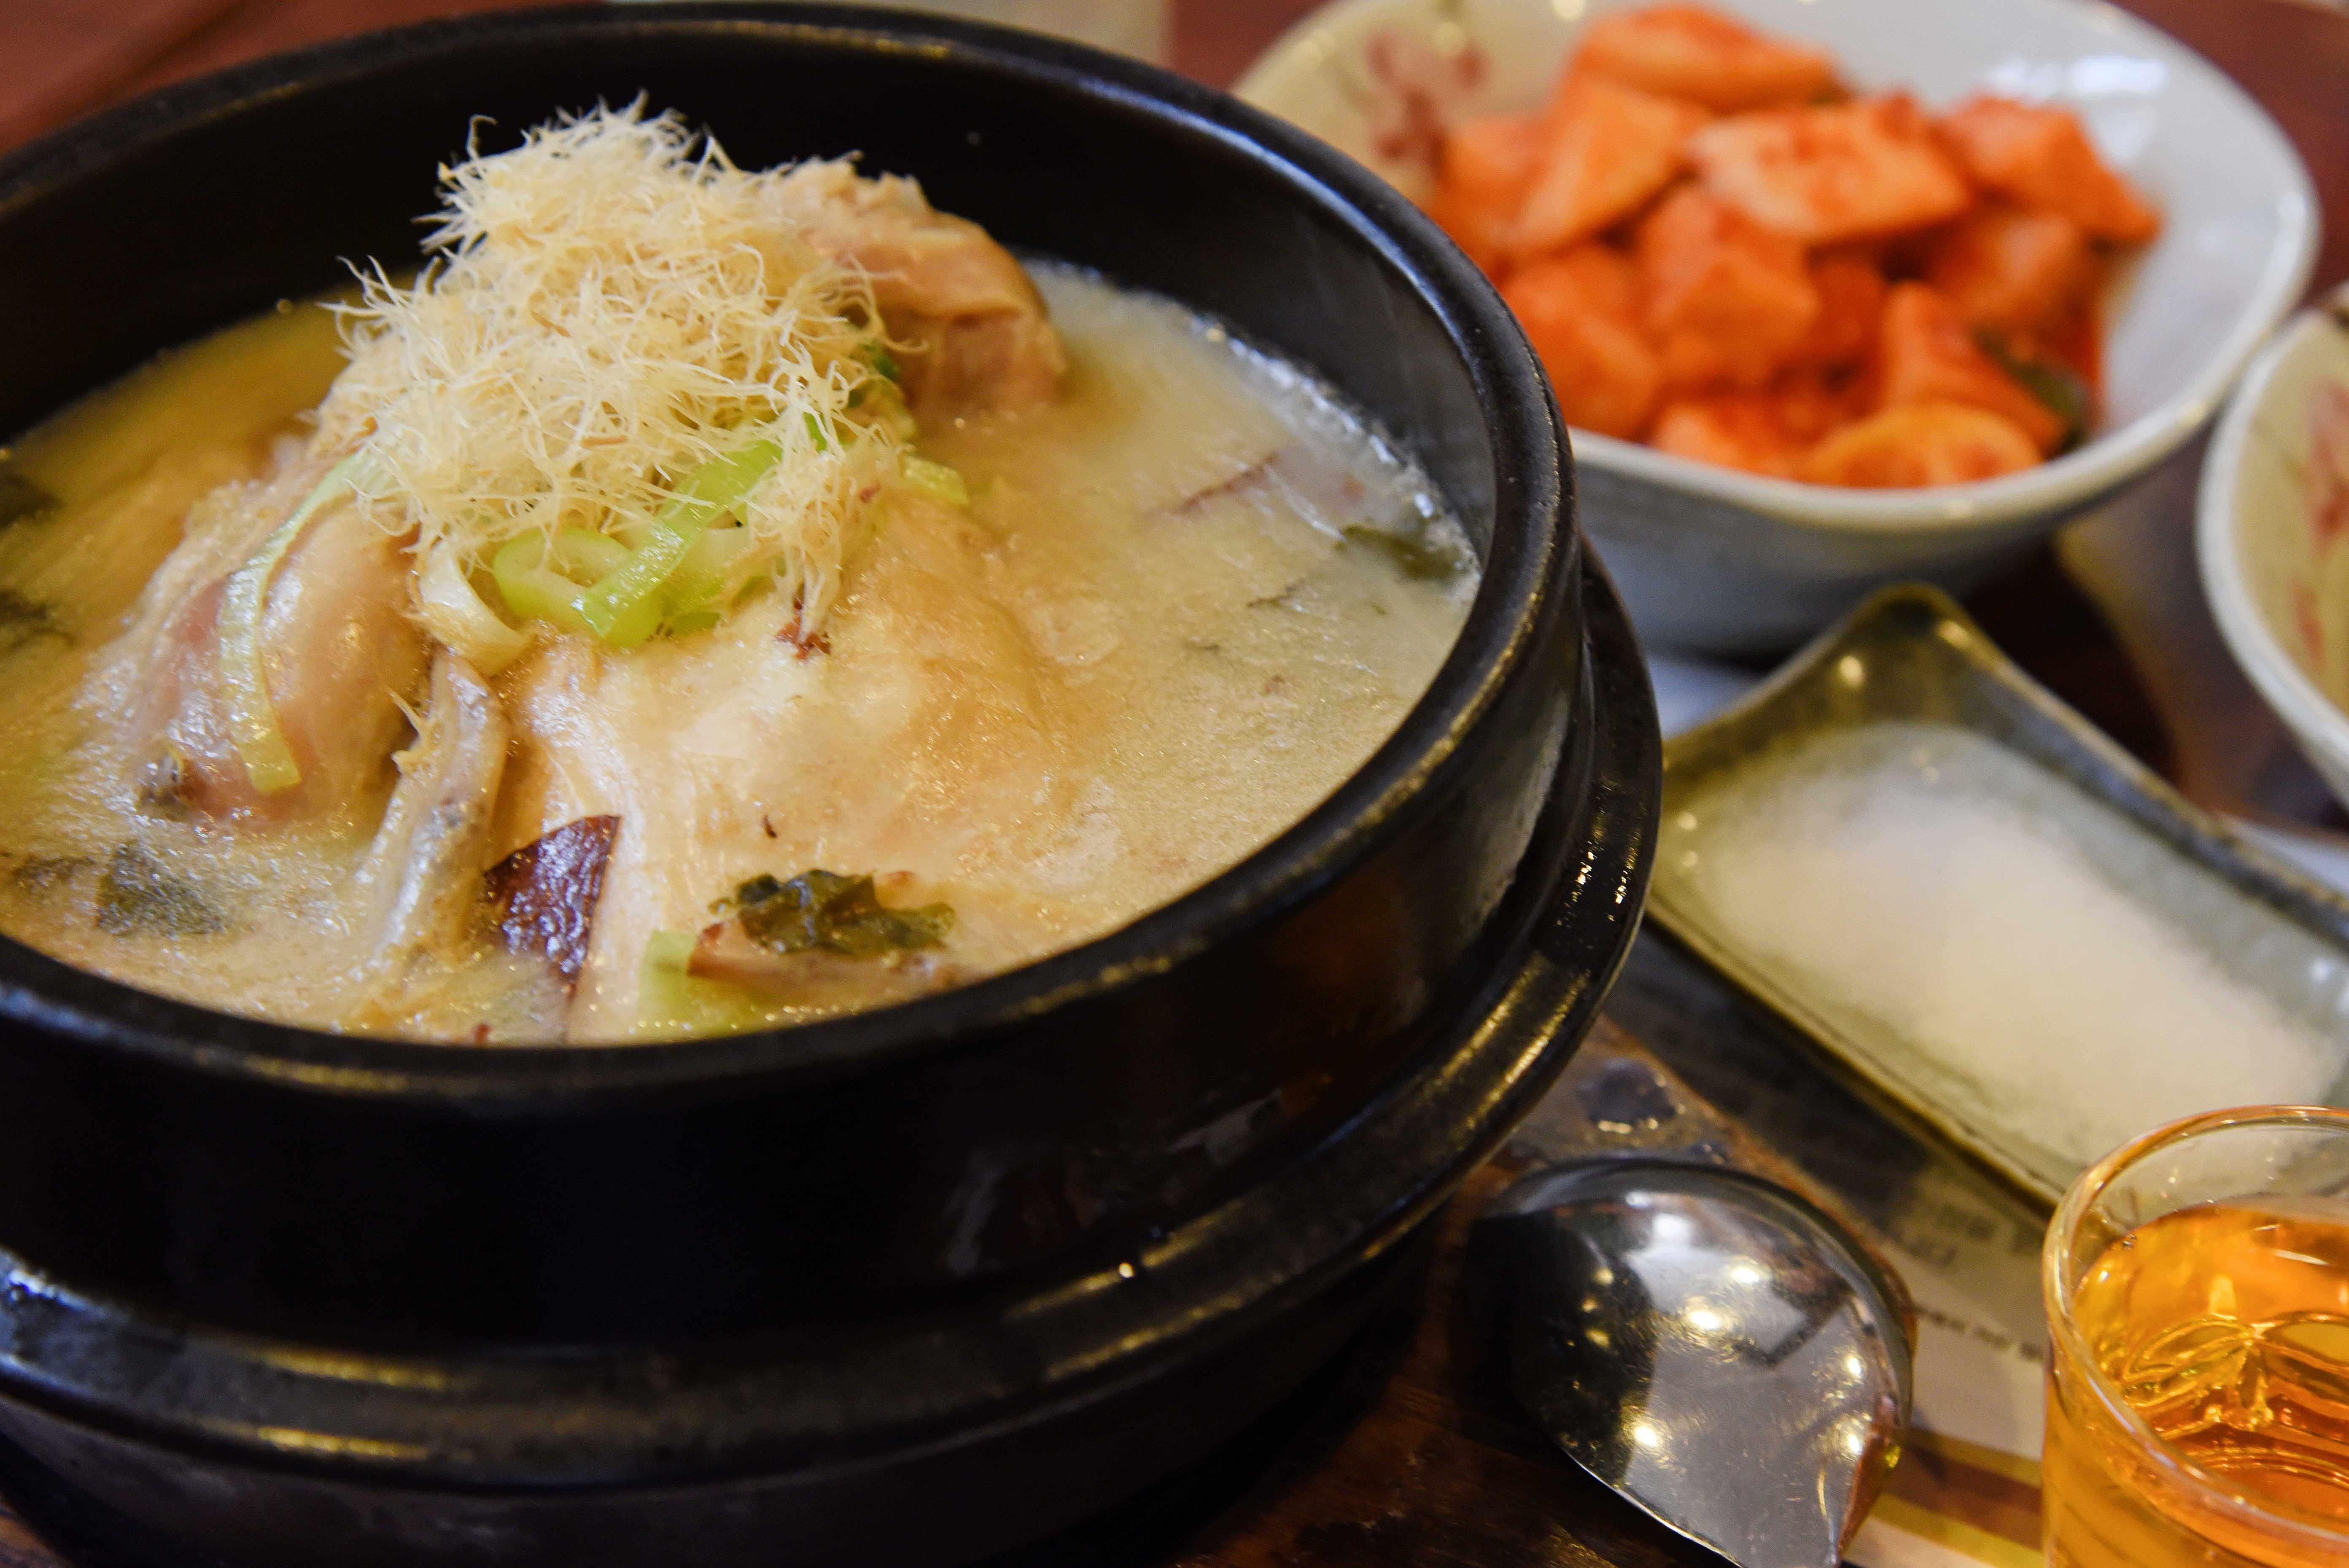 【韓國。首爾】景福宮站必吃-三大人蔘雞湯店之一的「皇后名家蔘雞湯」